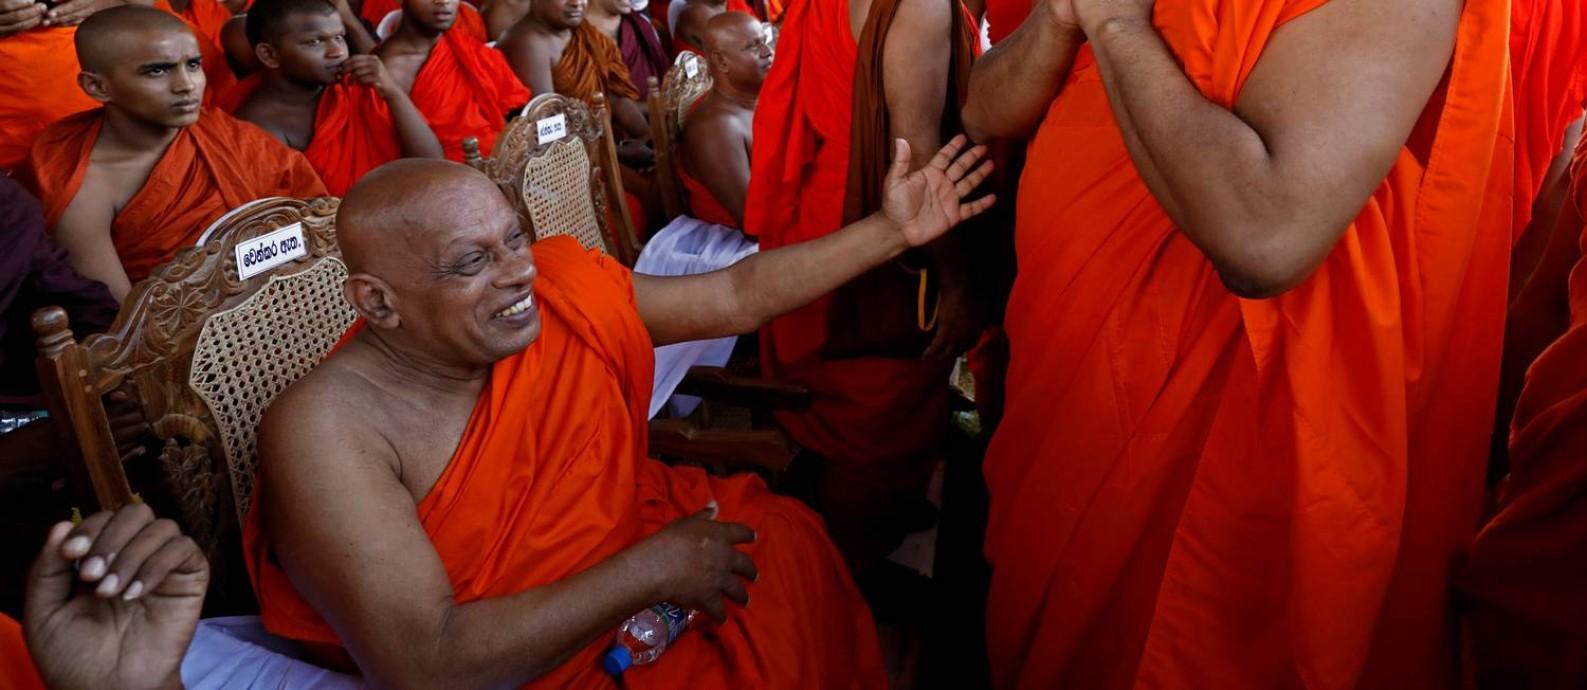 """Galagoda Aththe Gnanasara Thero, chefe do grupo nacionalista Bodu Bala Sena, """"Força do Poder Budista"""", em cingalês, se reúne com monges budistas durante convenção no Sri Lanka. Condenado a 6 anos por diversas acusações, ele recebeu o perdão do governo e chegou a se encontrar com o presidente Foto: DINUKA LIYANAWATTE / REUTERS"""